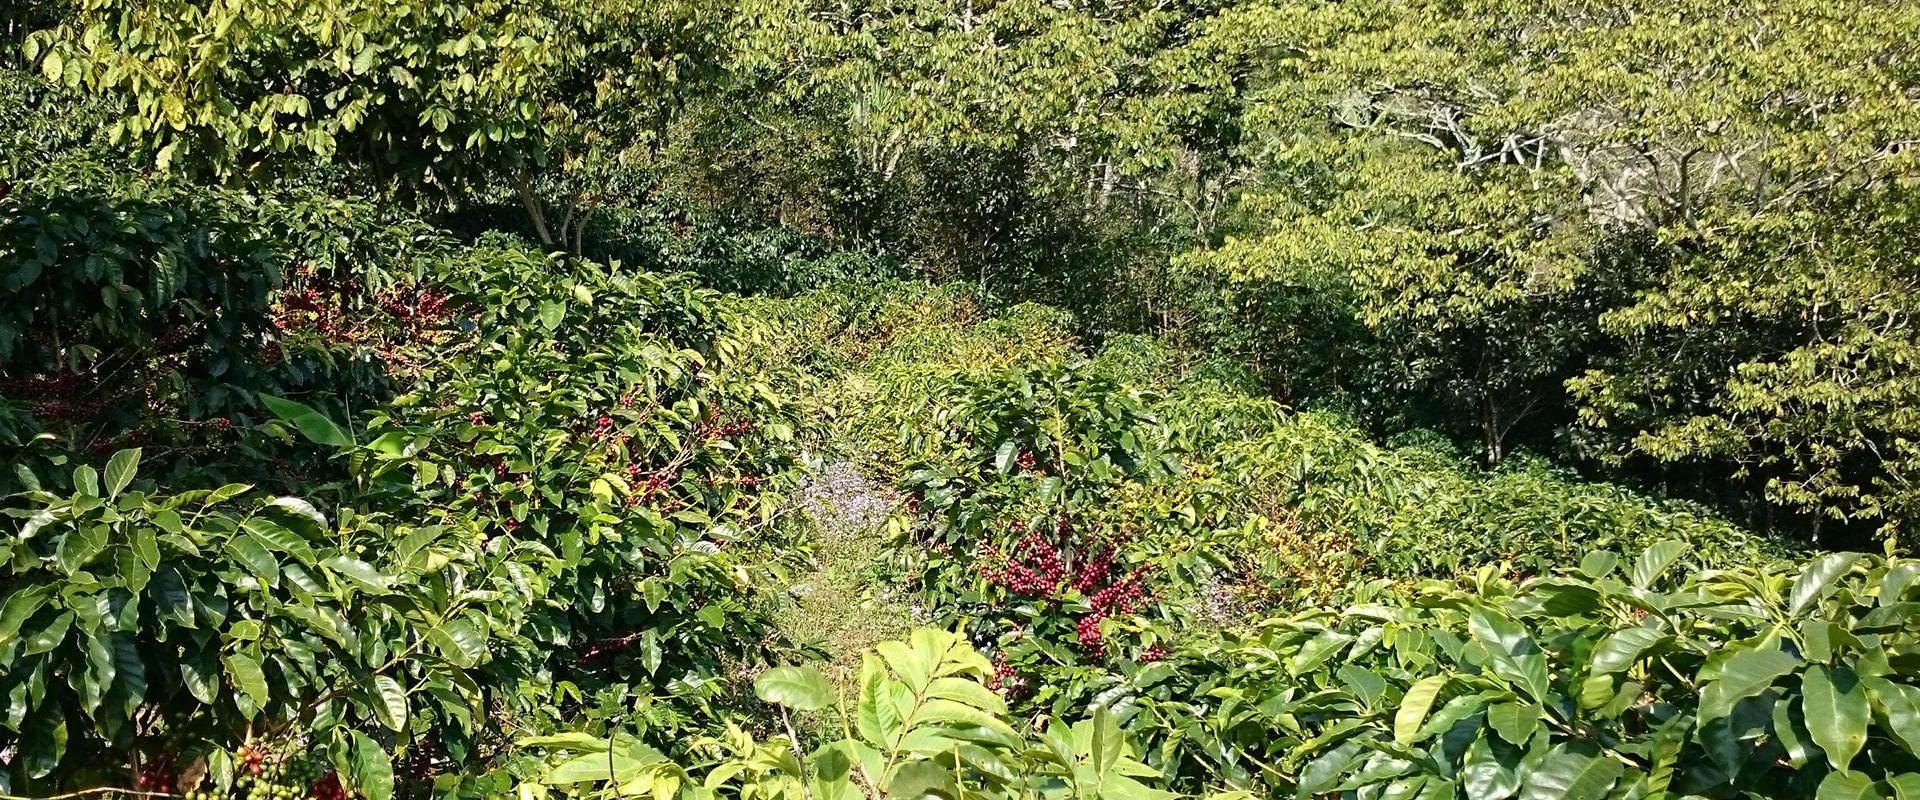 Coffee Farm in Honduras